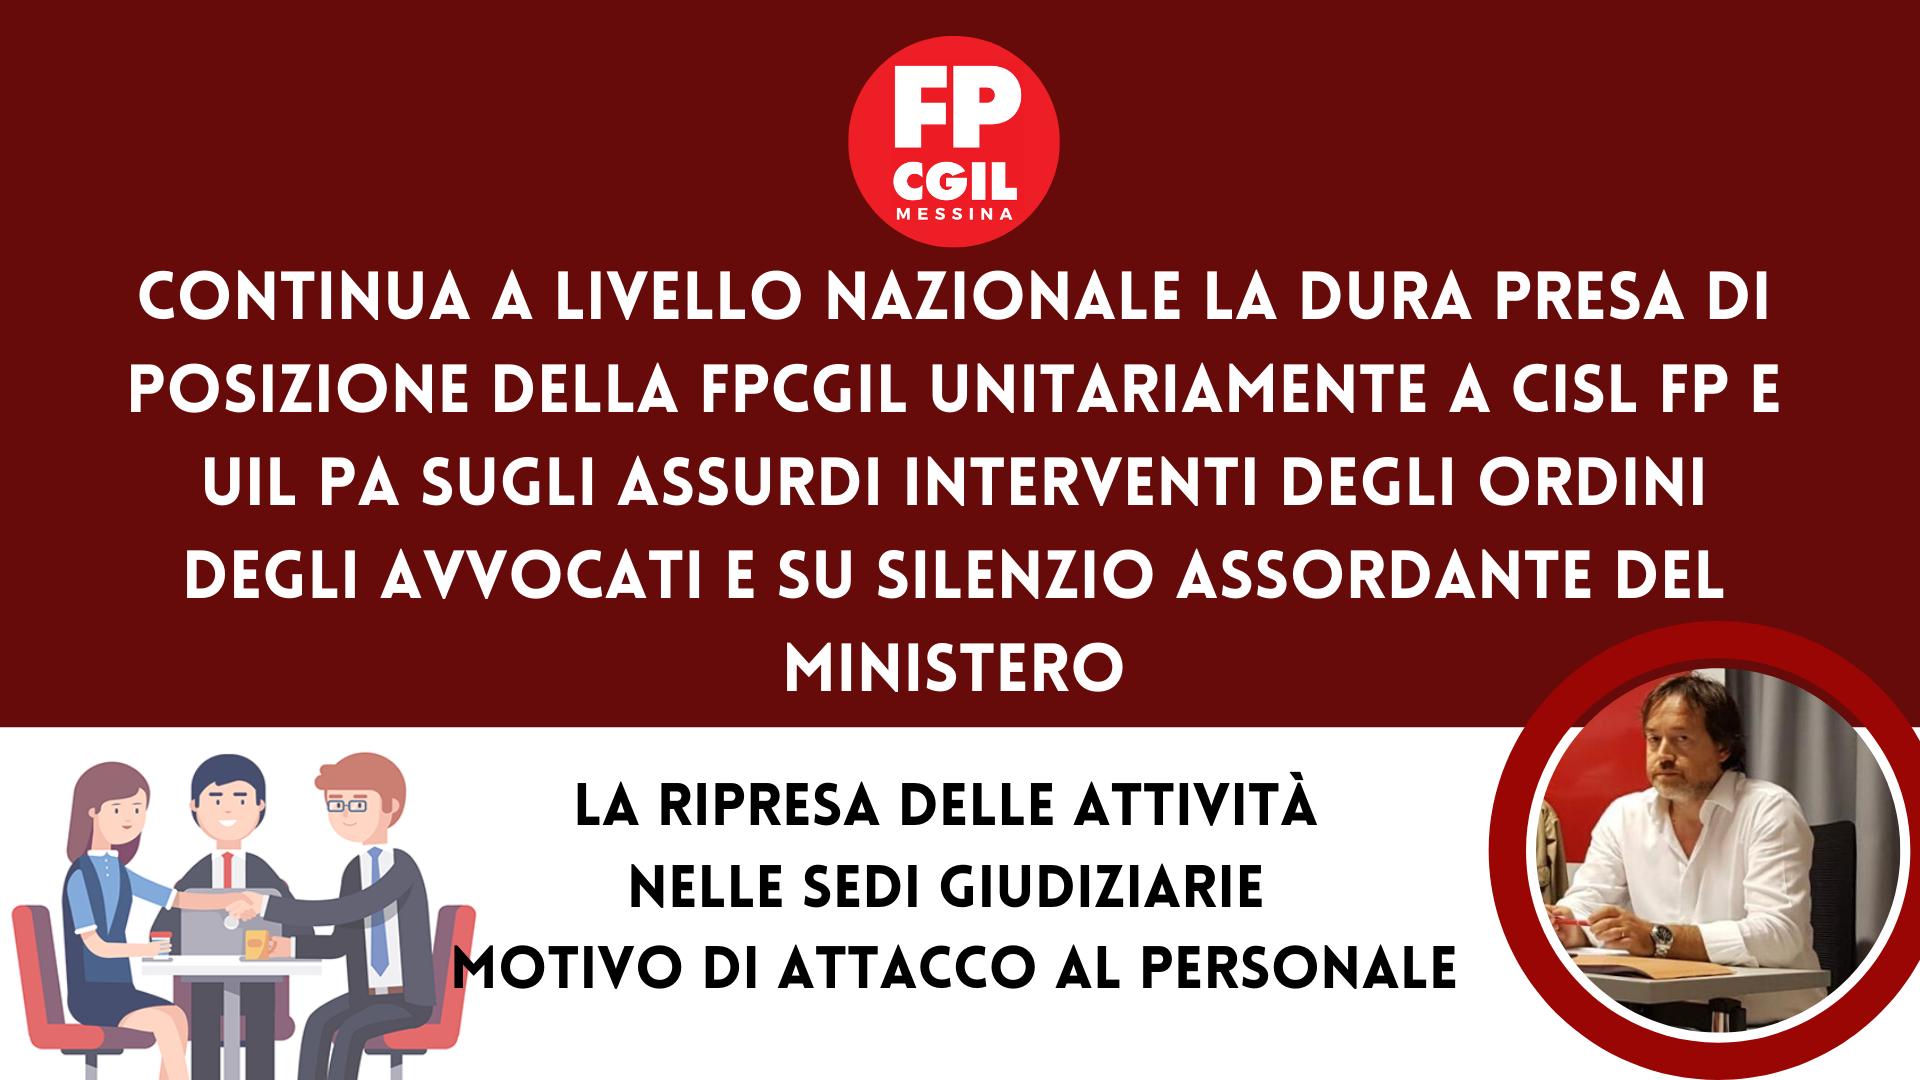 Ordini degli Avvocati,  silenzio assordante del Ministero – Continua a livello nazionale la dura presa di posizione della FPCGIL unitariamente a CISL FP e UIL PA